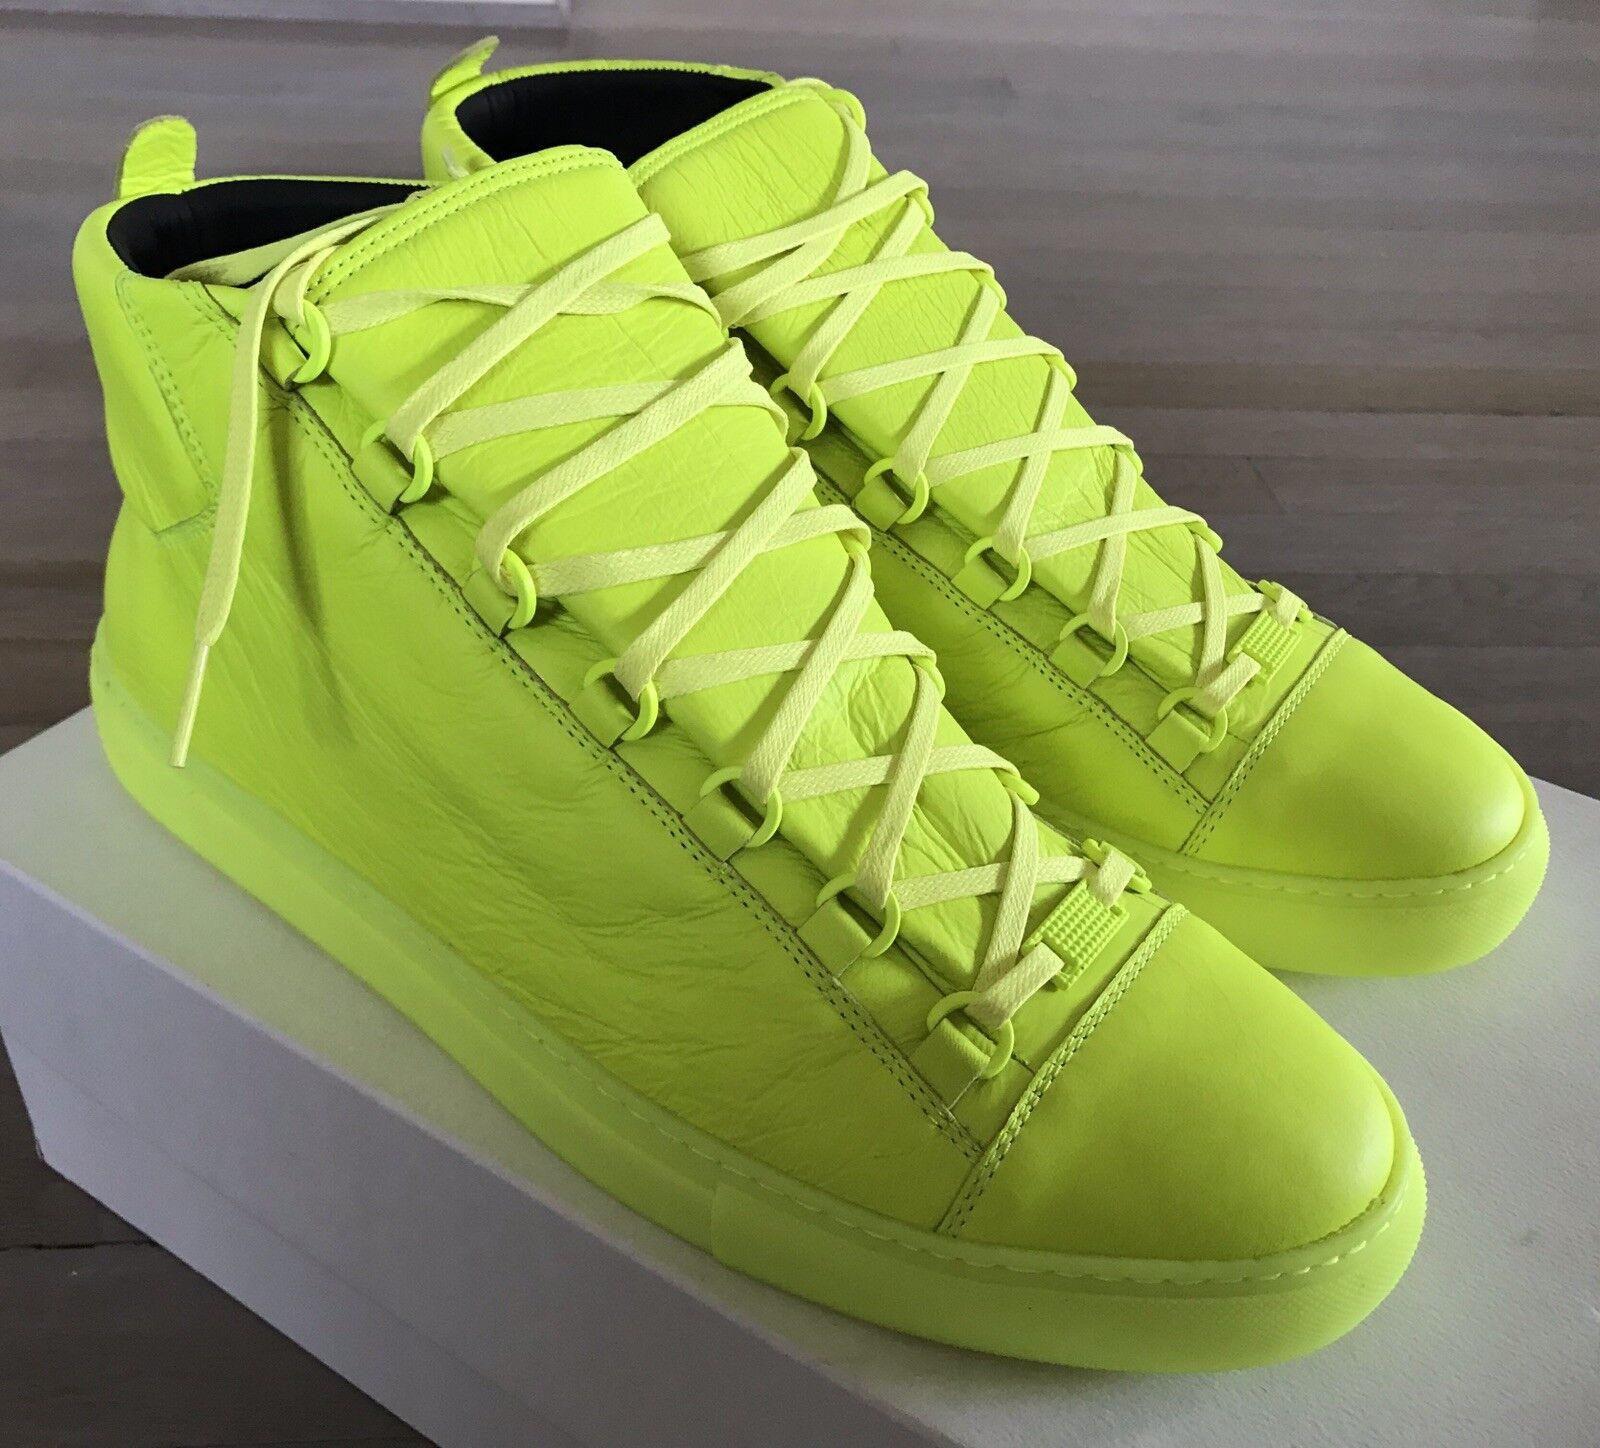 600  Balenciaga Arena Fluorescence Cuero High Tops Zapatillas tamaño nos 15,